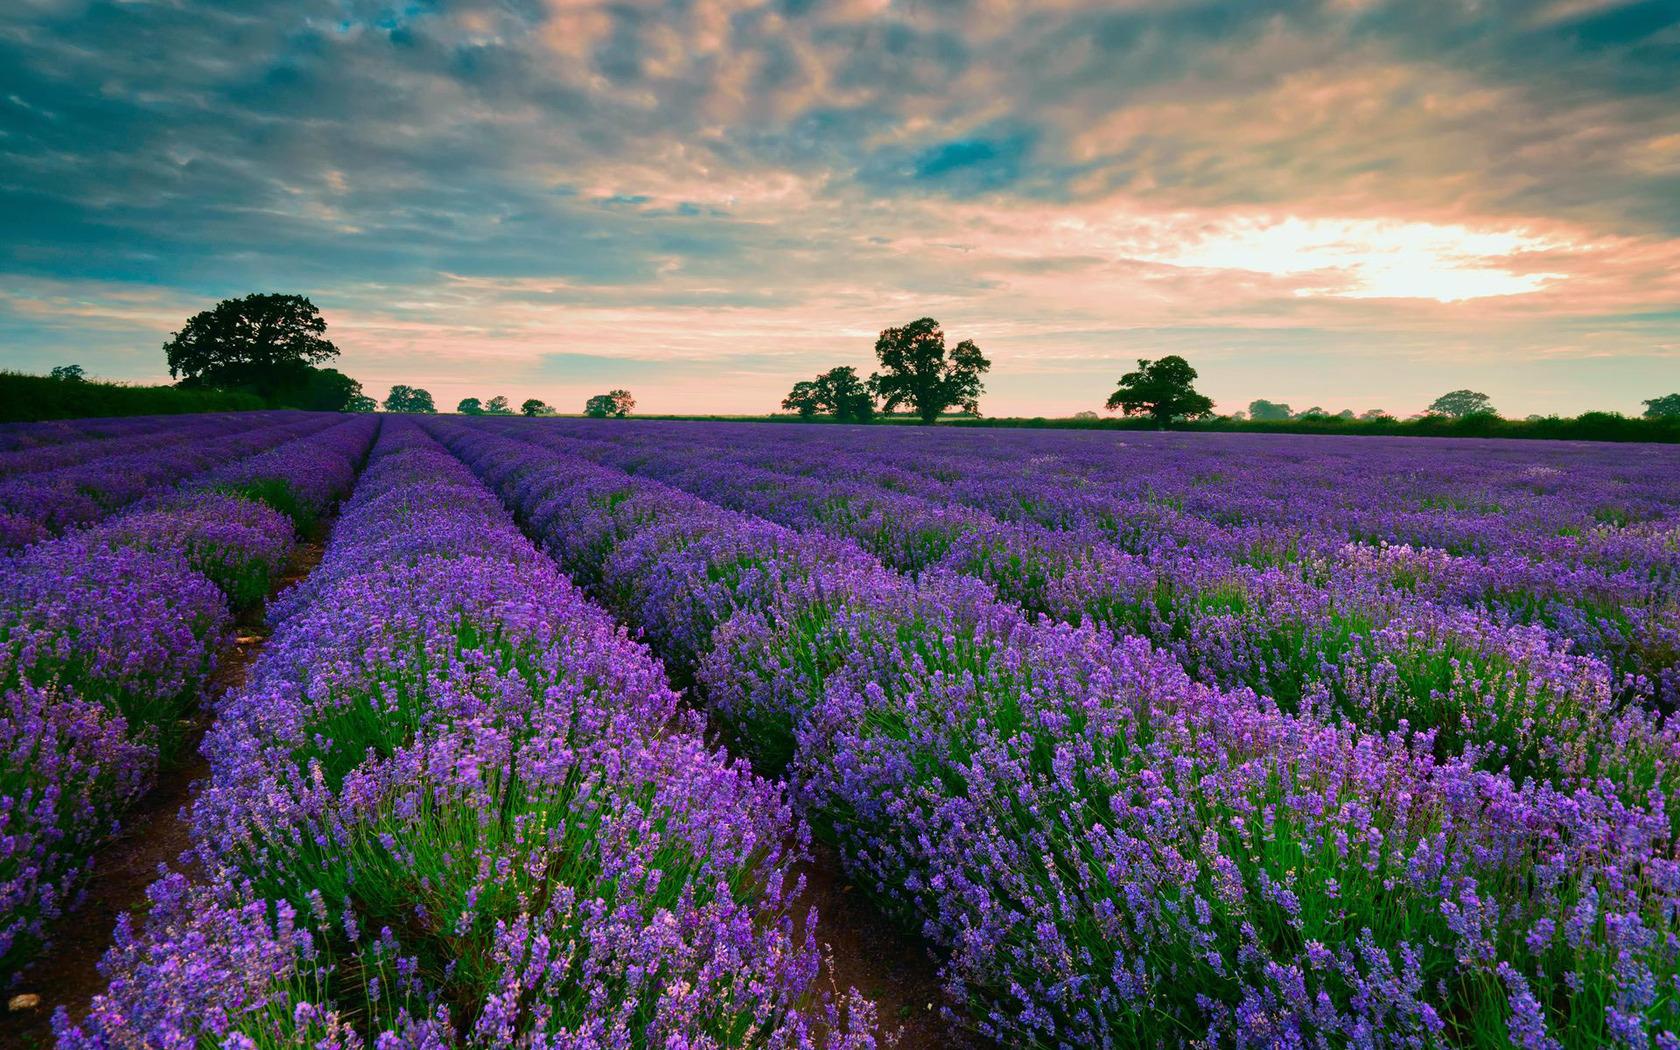 Purple fields of lavender wallpaper 16979 1680x1050